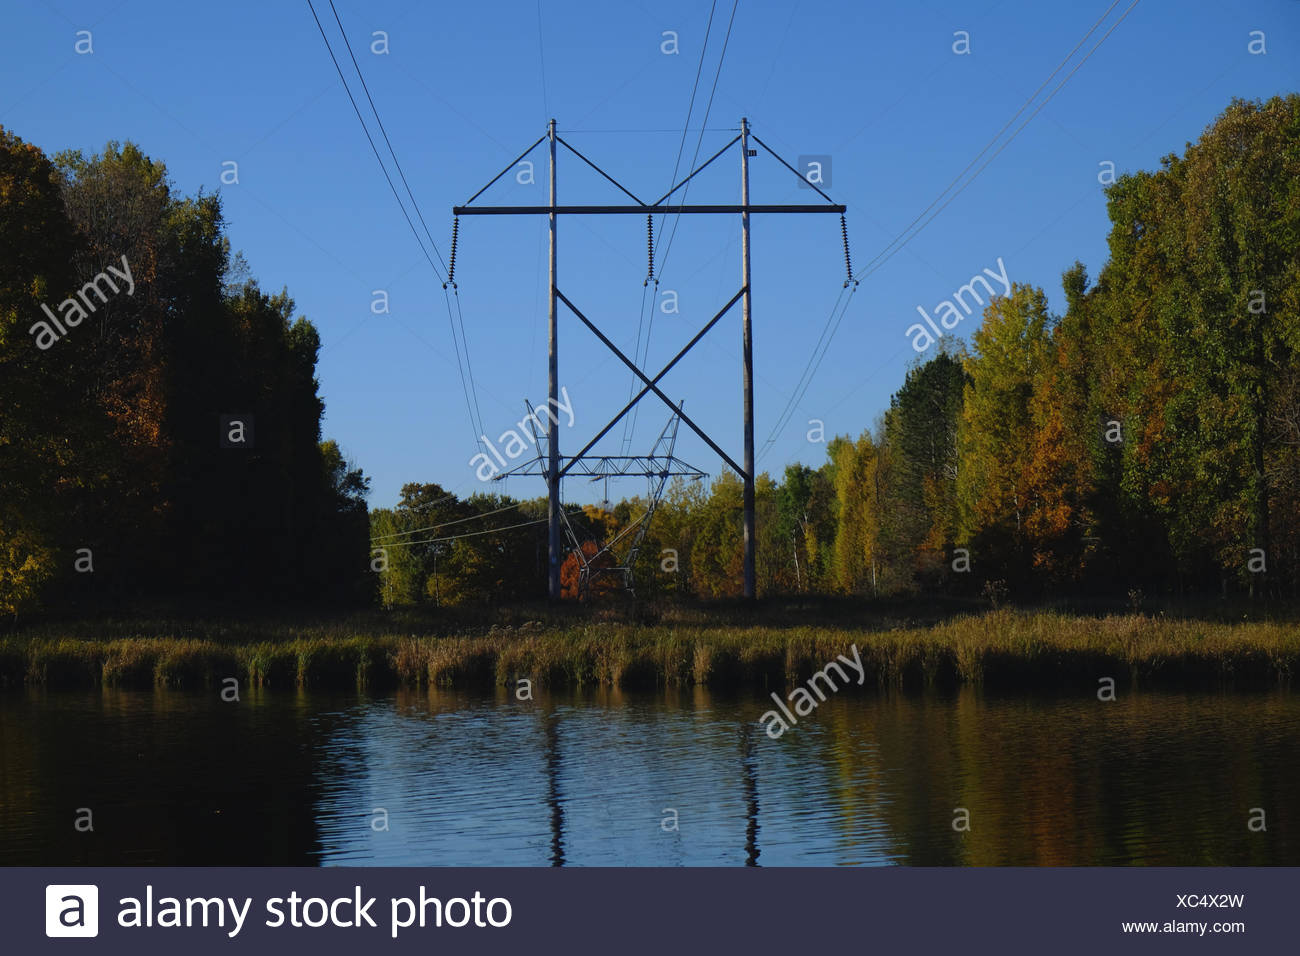 Leitungen über einen schmalen Kanal am See Du Bay in einer klaren Herbsttag. Stockbild